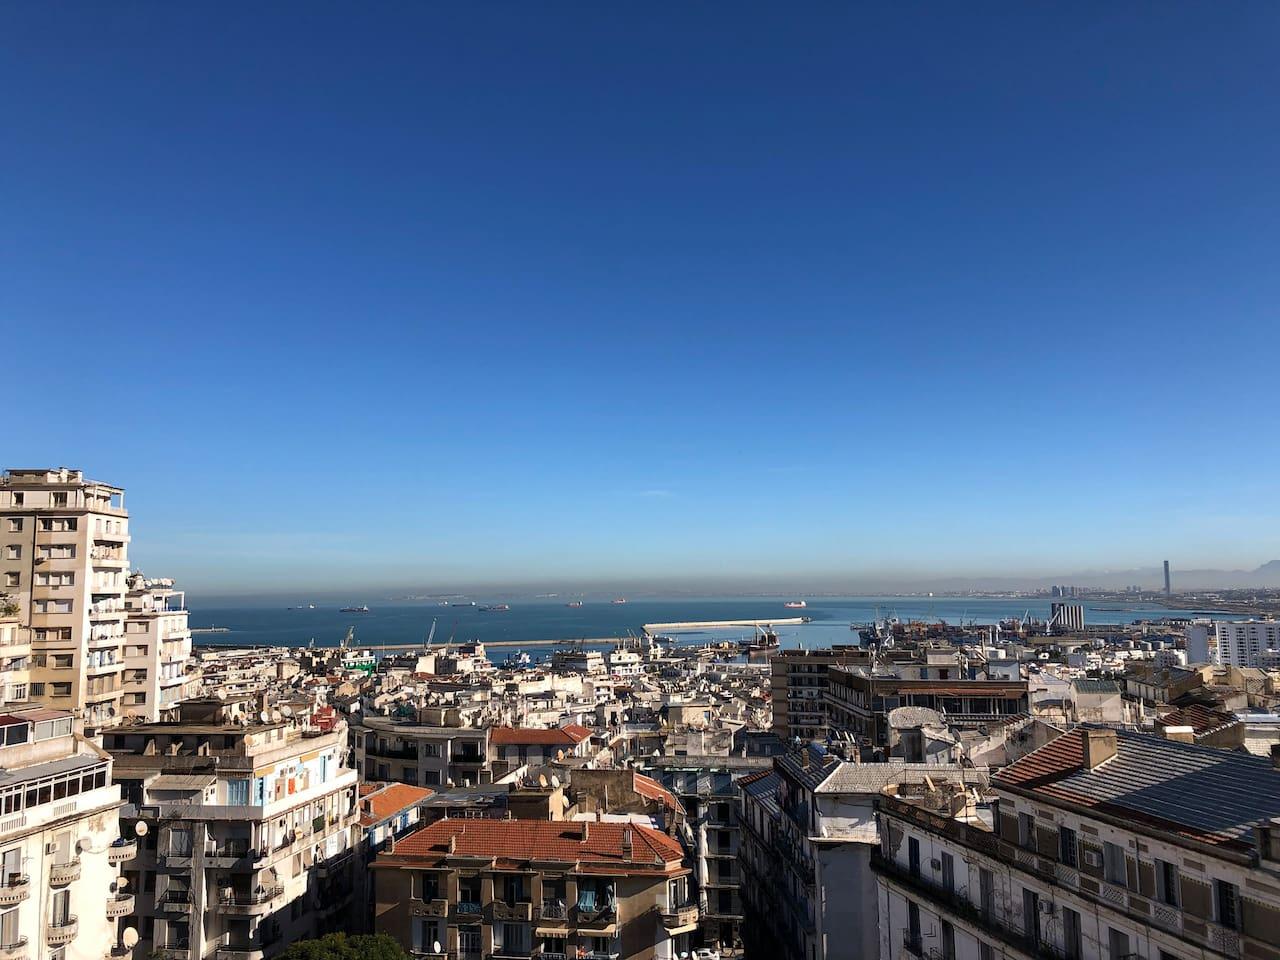 Alger vue panoramique sur le toit de l'immeuble